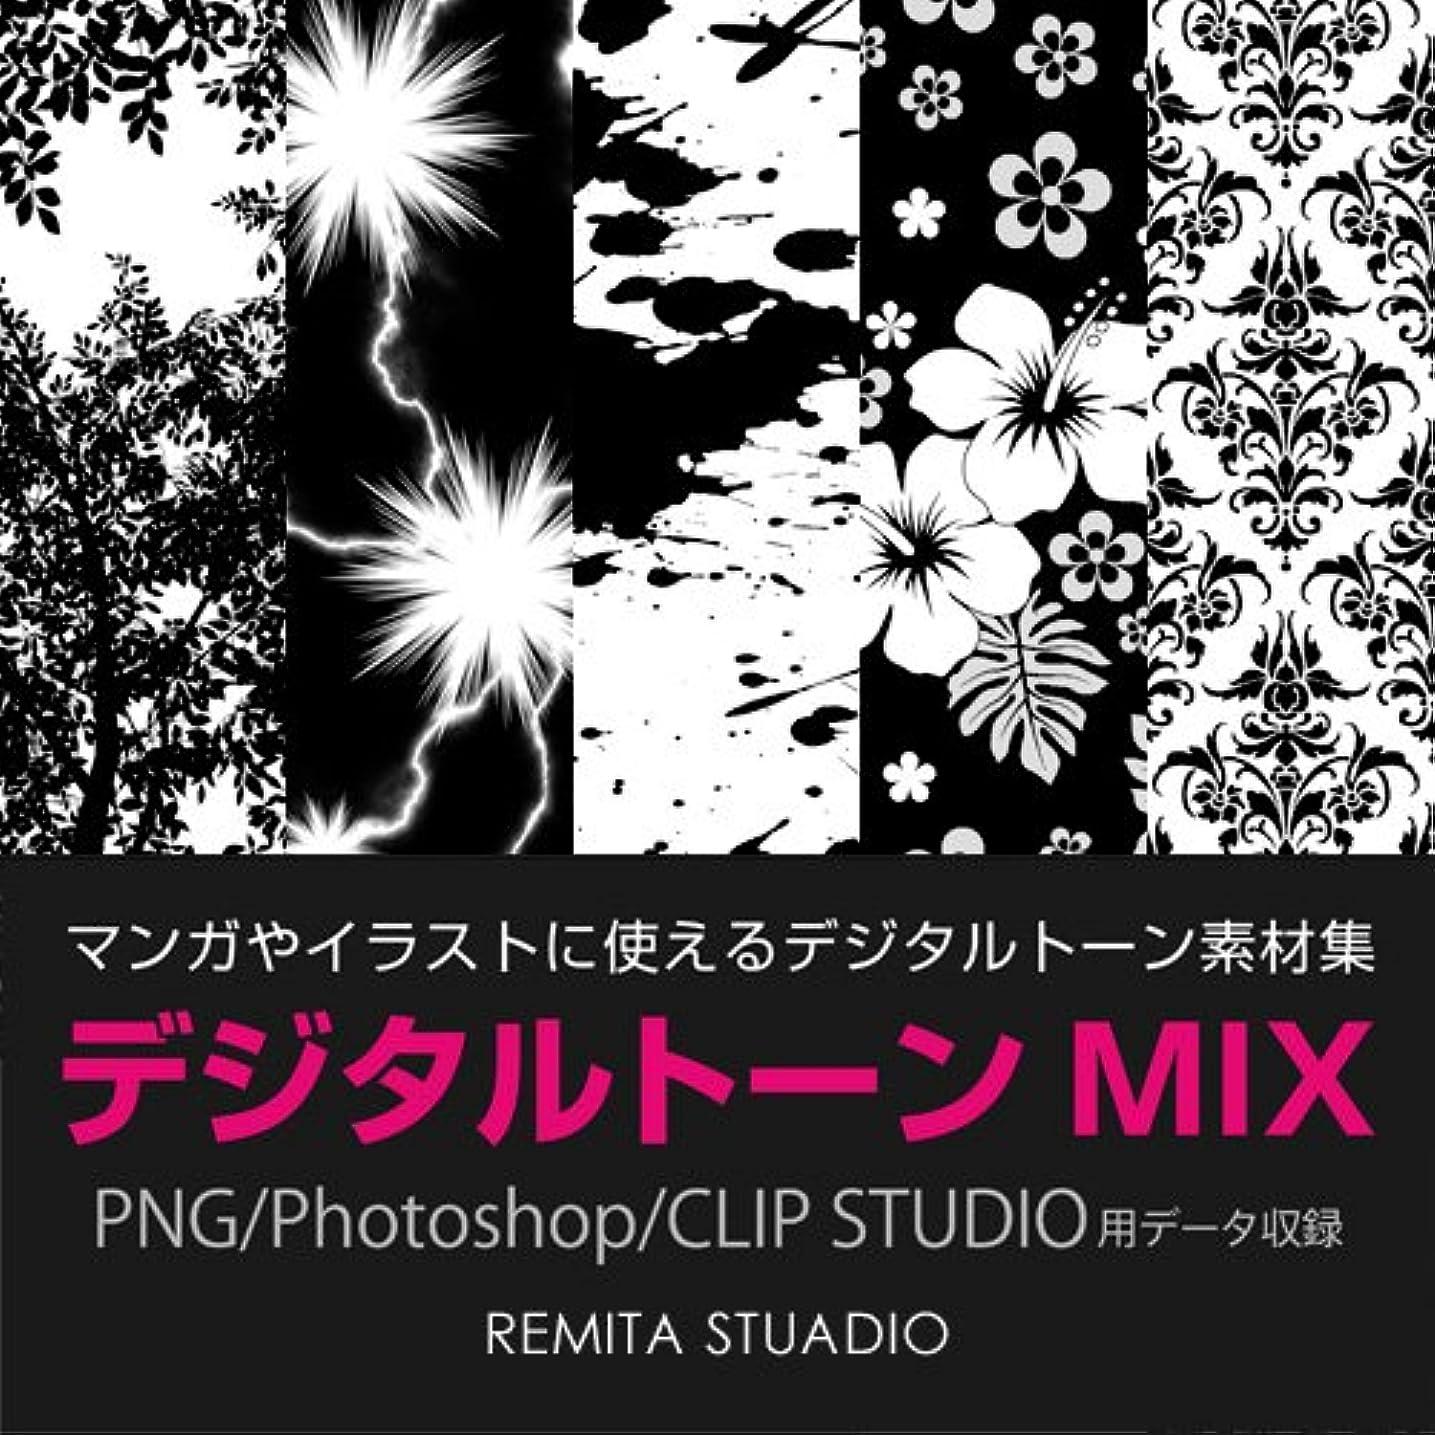 硬化する旋律的限りデジタルトーンMIX PNG/Photoshop/CLIP STUDIO用データ収録 DVD-ROM MIX001D